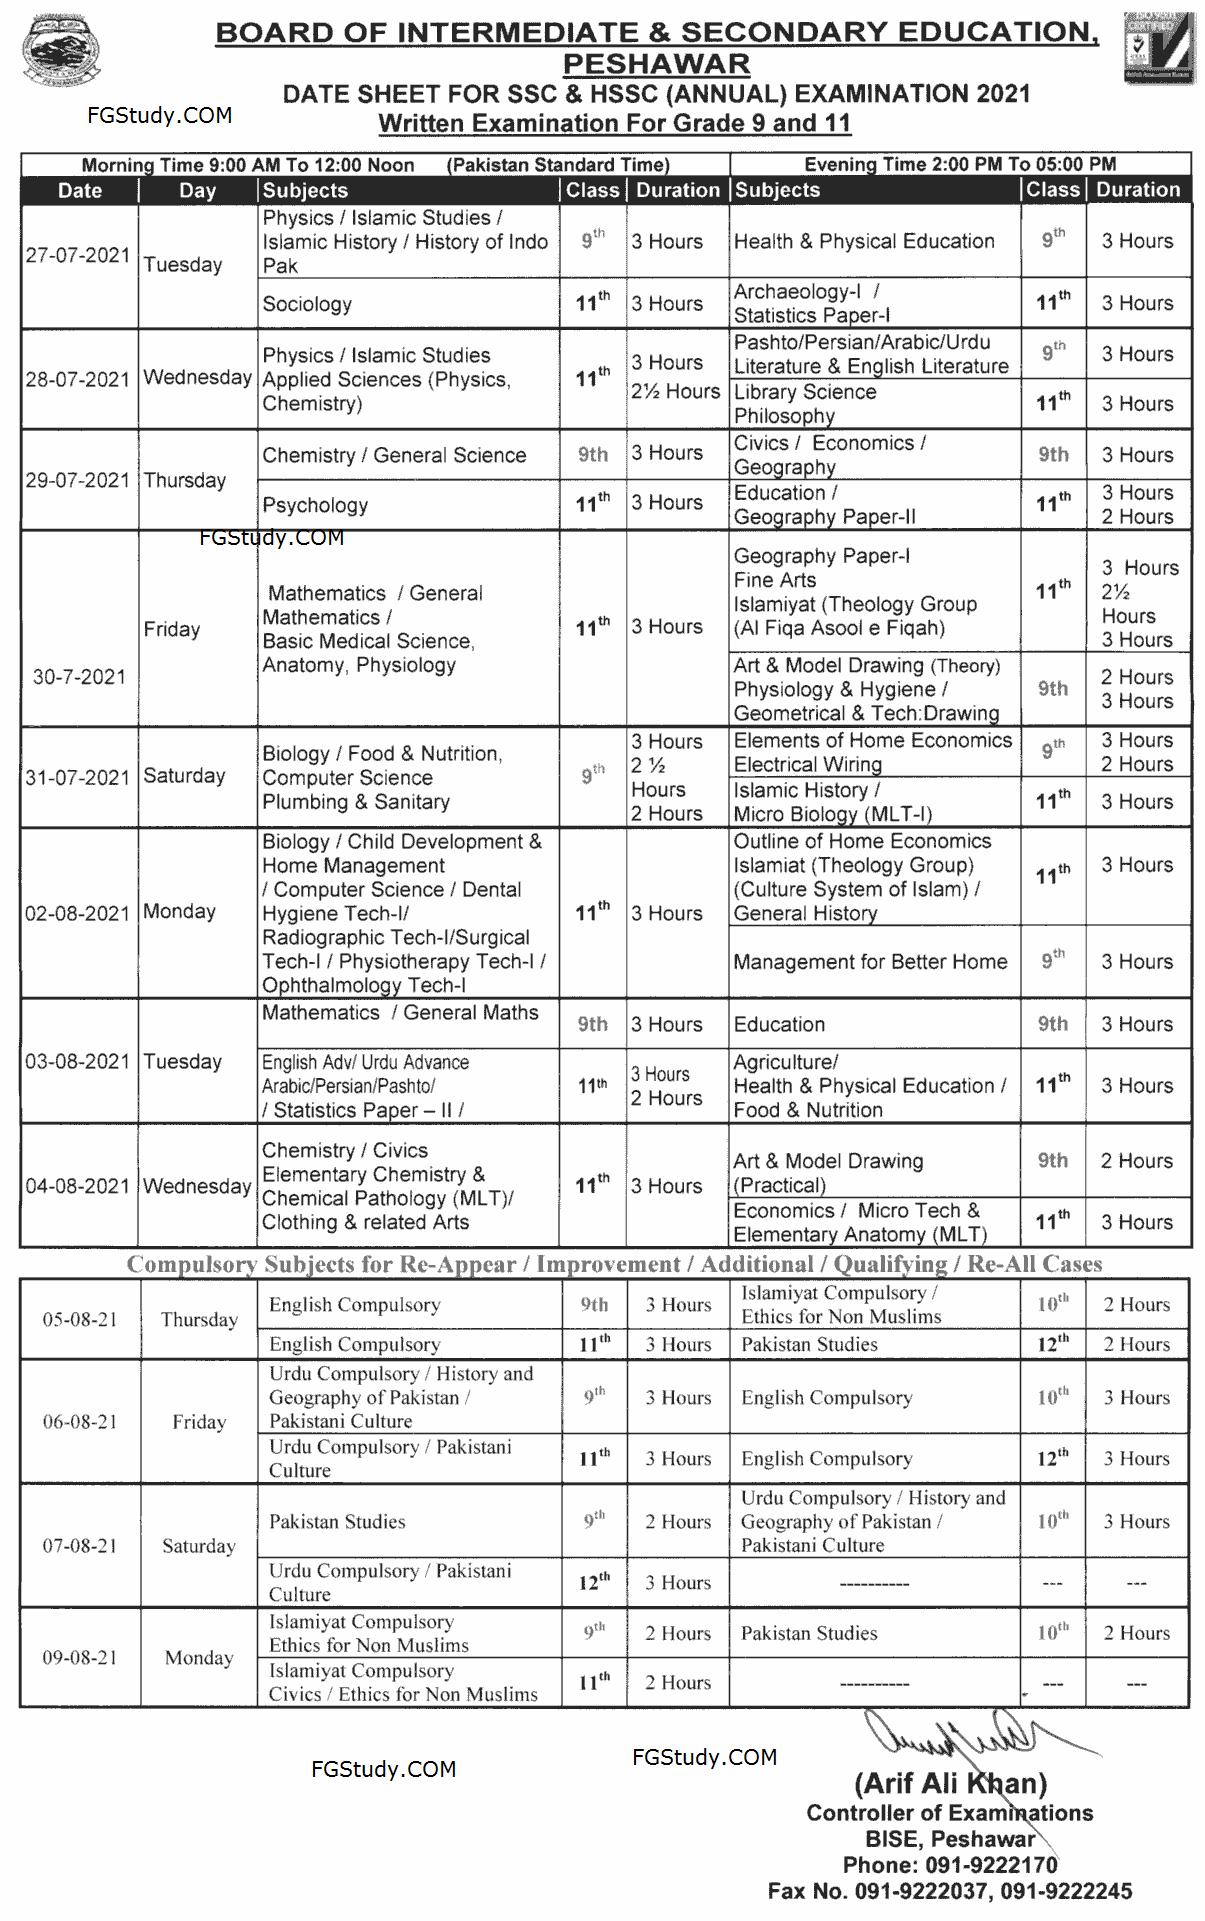 peshawar-board-date-sheet-2021-9th-class